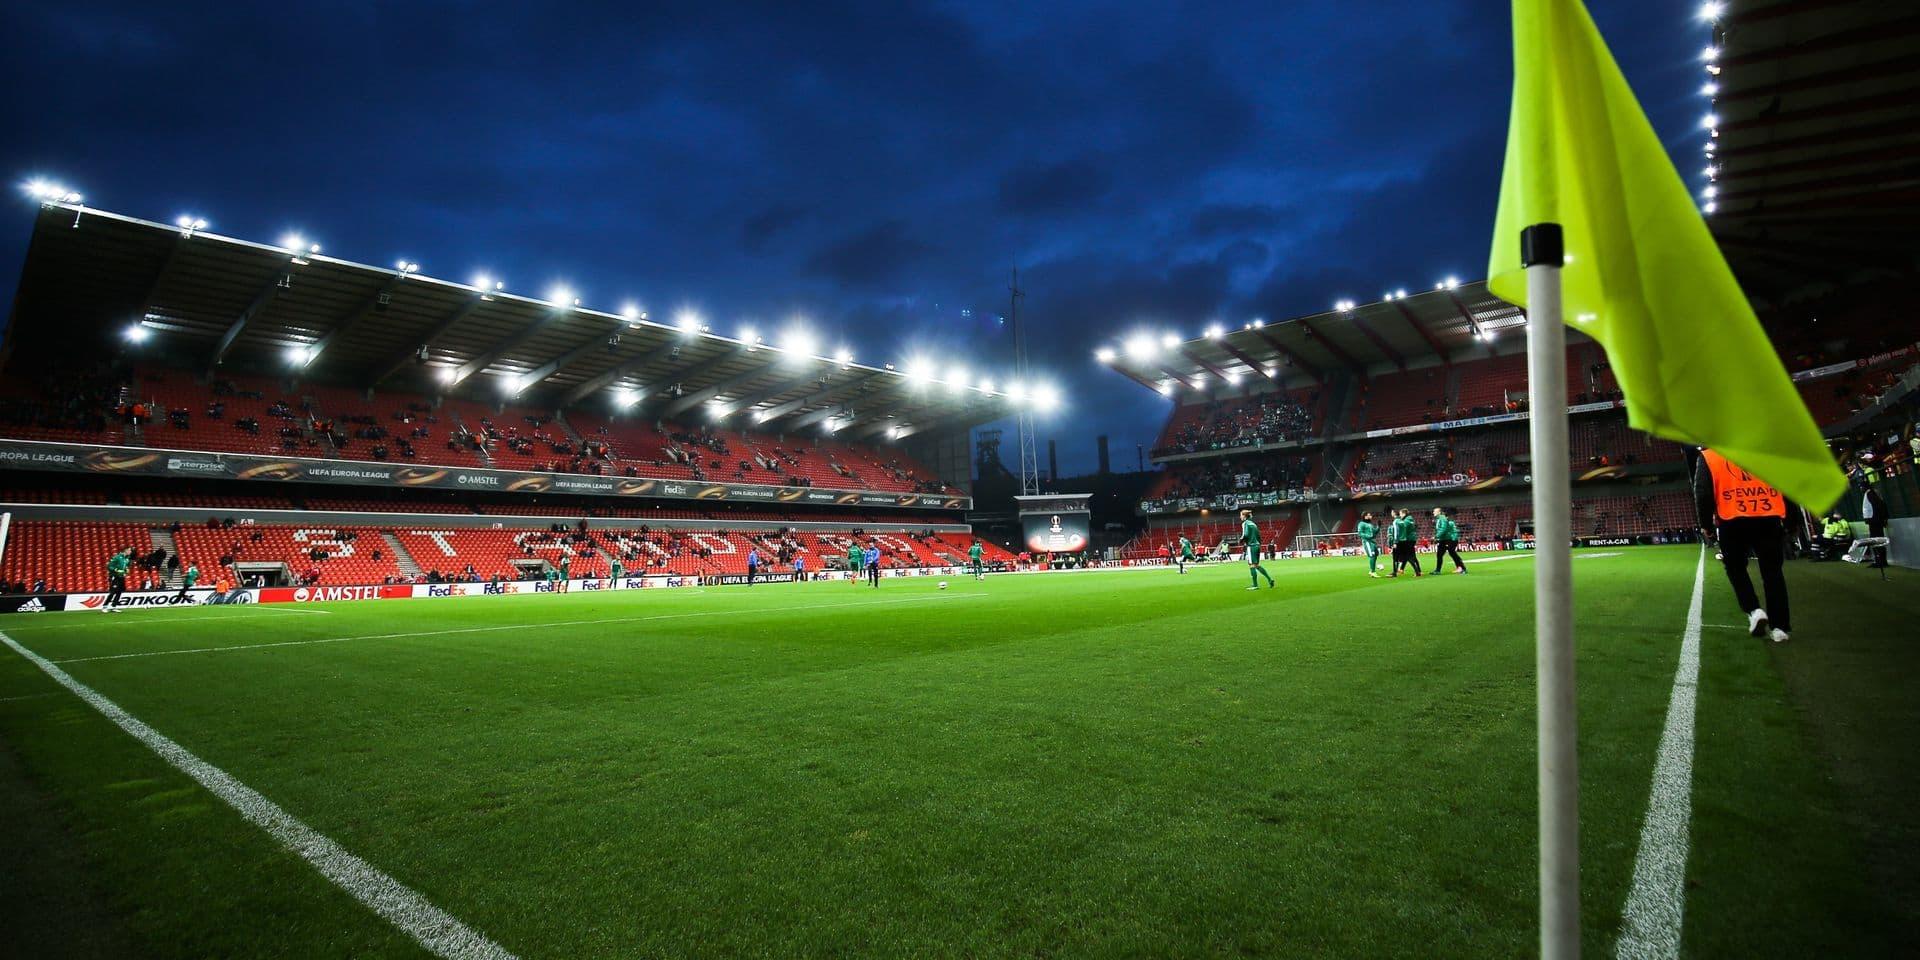 Le Standard ne se déplacera pas au pays de Galles et recevra Bala Town FC à Sclessin